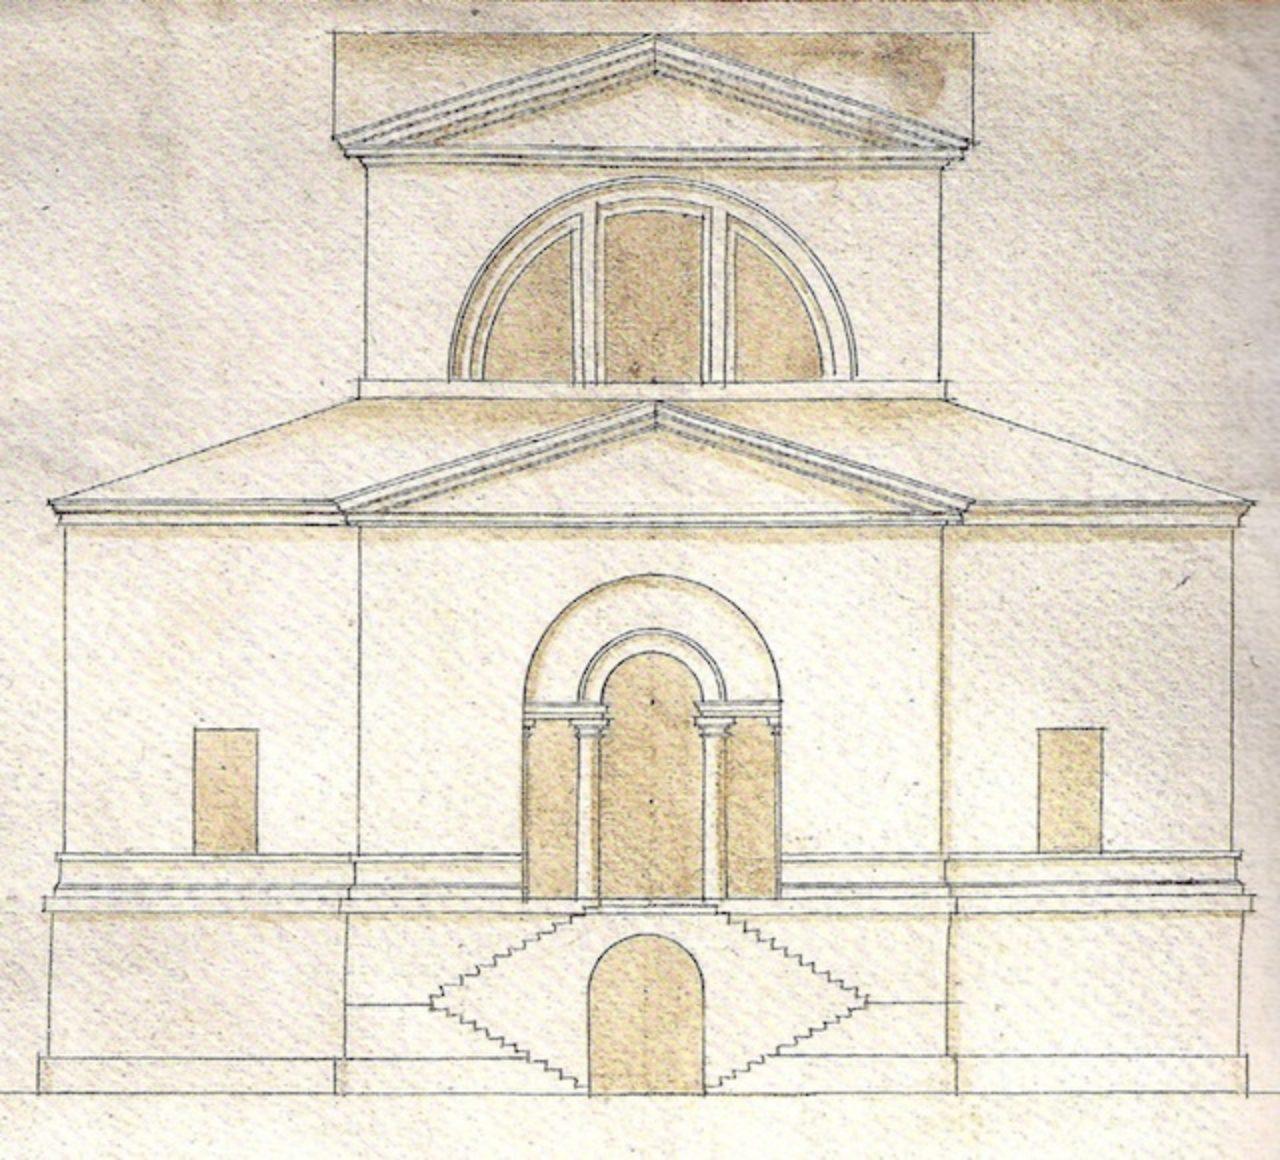 Design for the Villa Pisani at Bagnolo